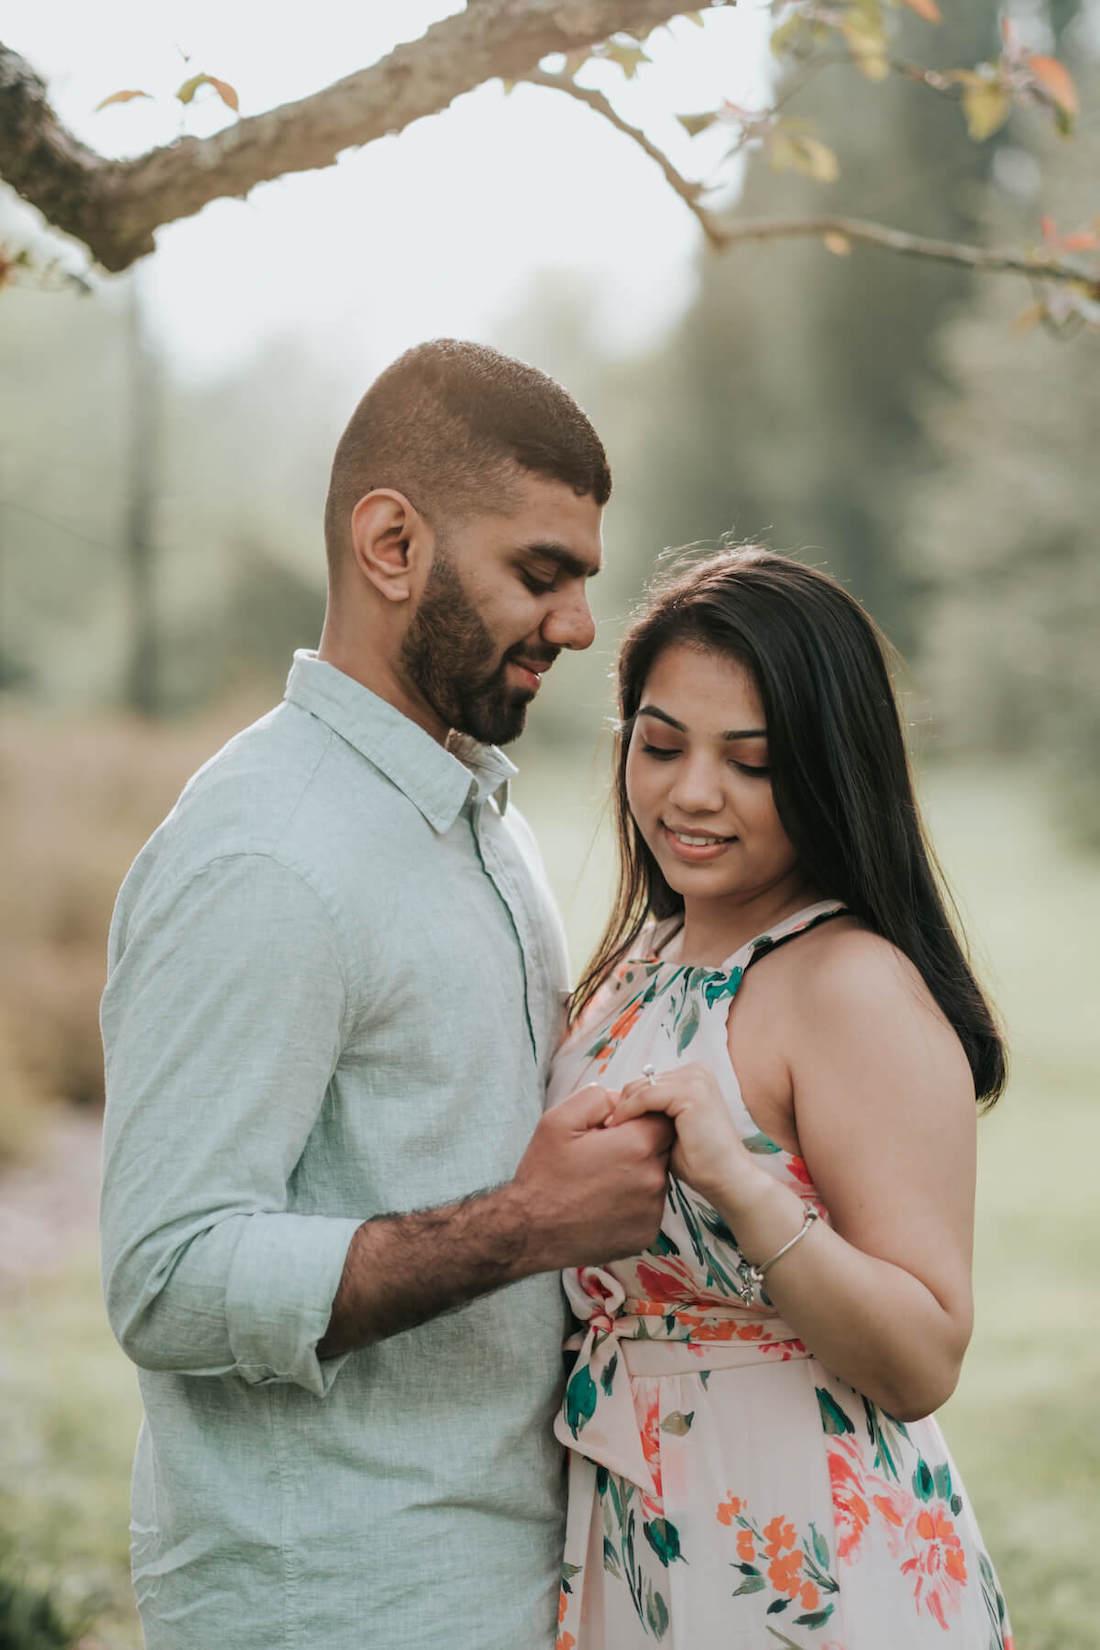 Megha & Bhavin's Engagement Session